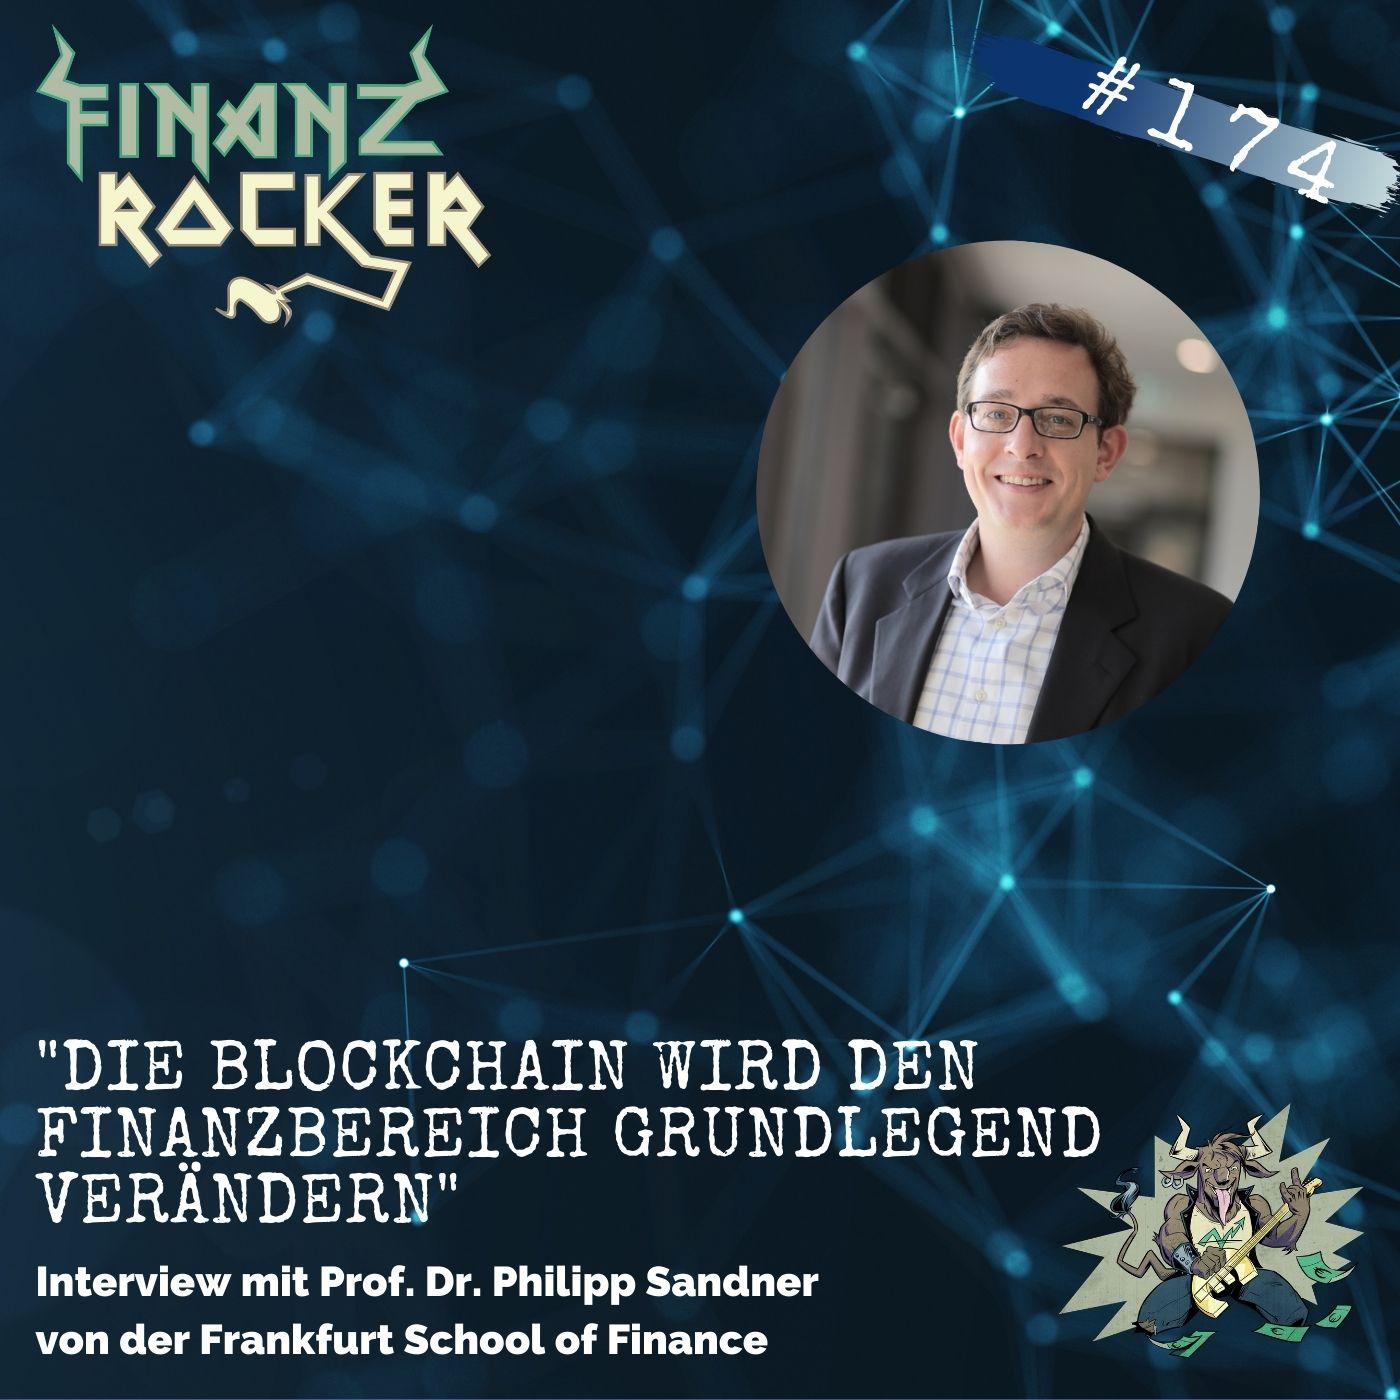 """Folge 174: """"Die Blockchain wird den Finanzbereich grundlegend verändern"""" - Interview mit Prof. Dr. Philipp Sandner"""